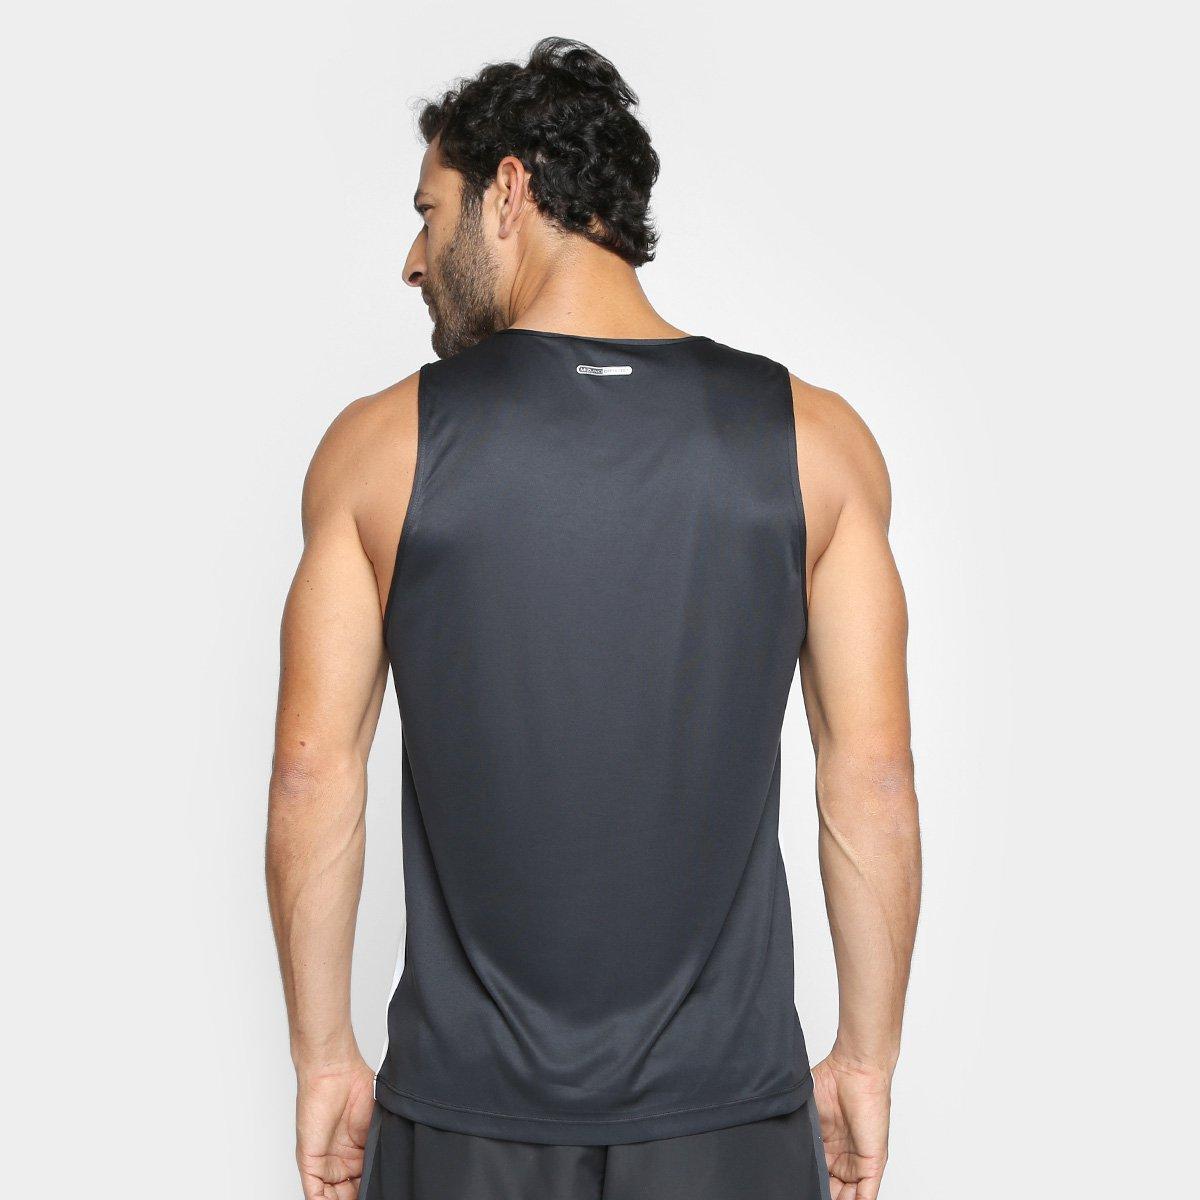 Camiseta Regata Mizuno Wave Run 2 - Compre Agora  abf5135859a